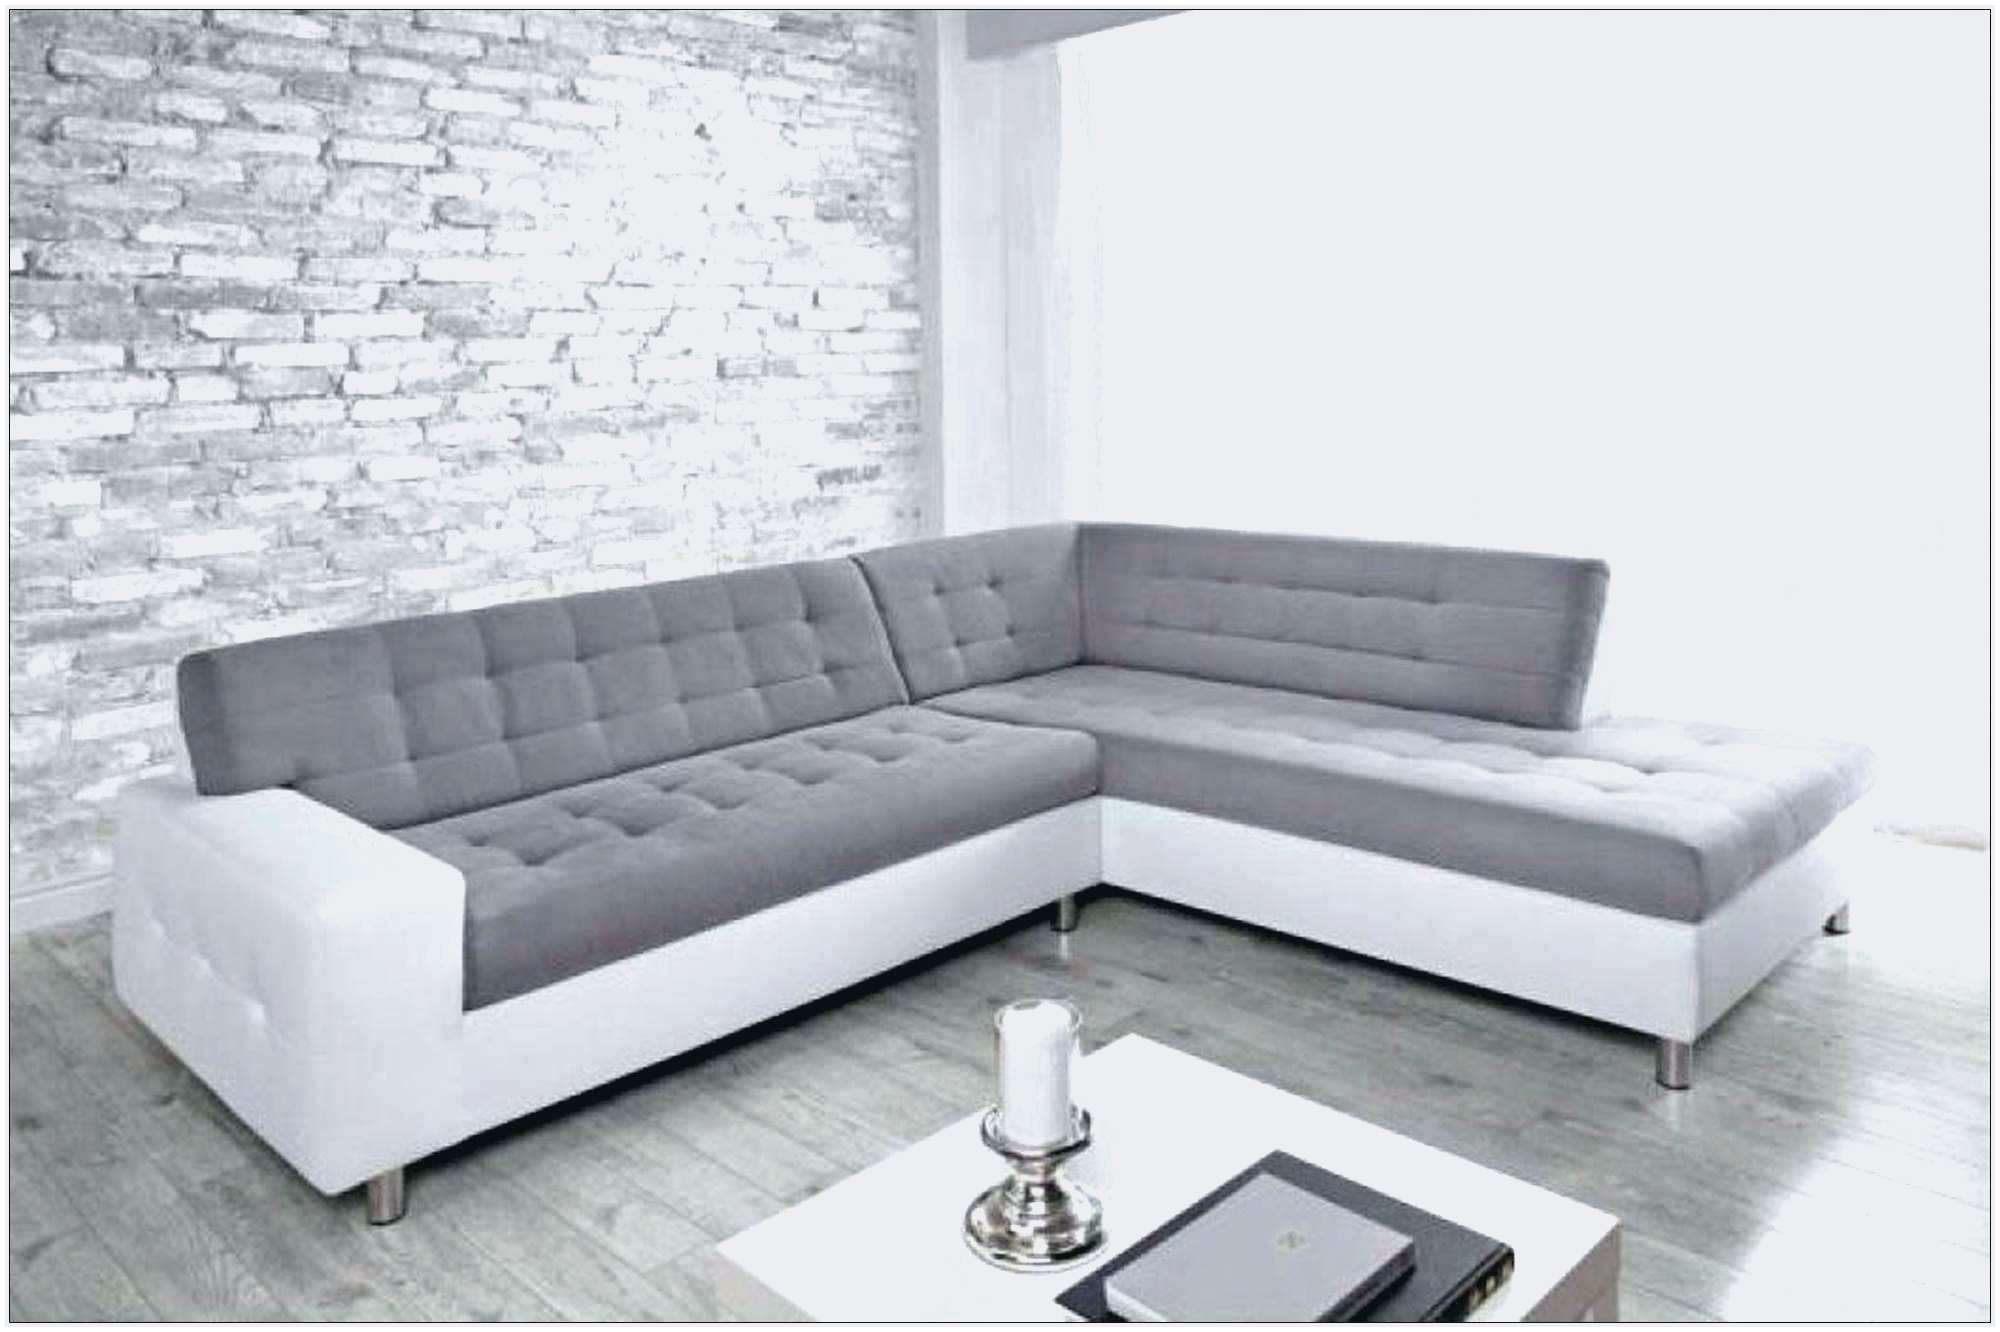 Canapé Lit Blanc Joli Luxe Ikea Canapé D Angle Convertible Beau Image Lit 2 Places 25 23